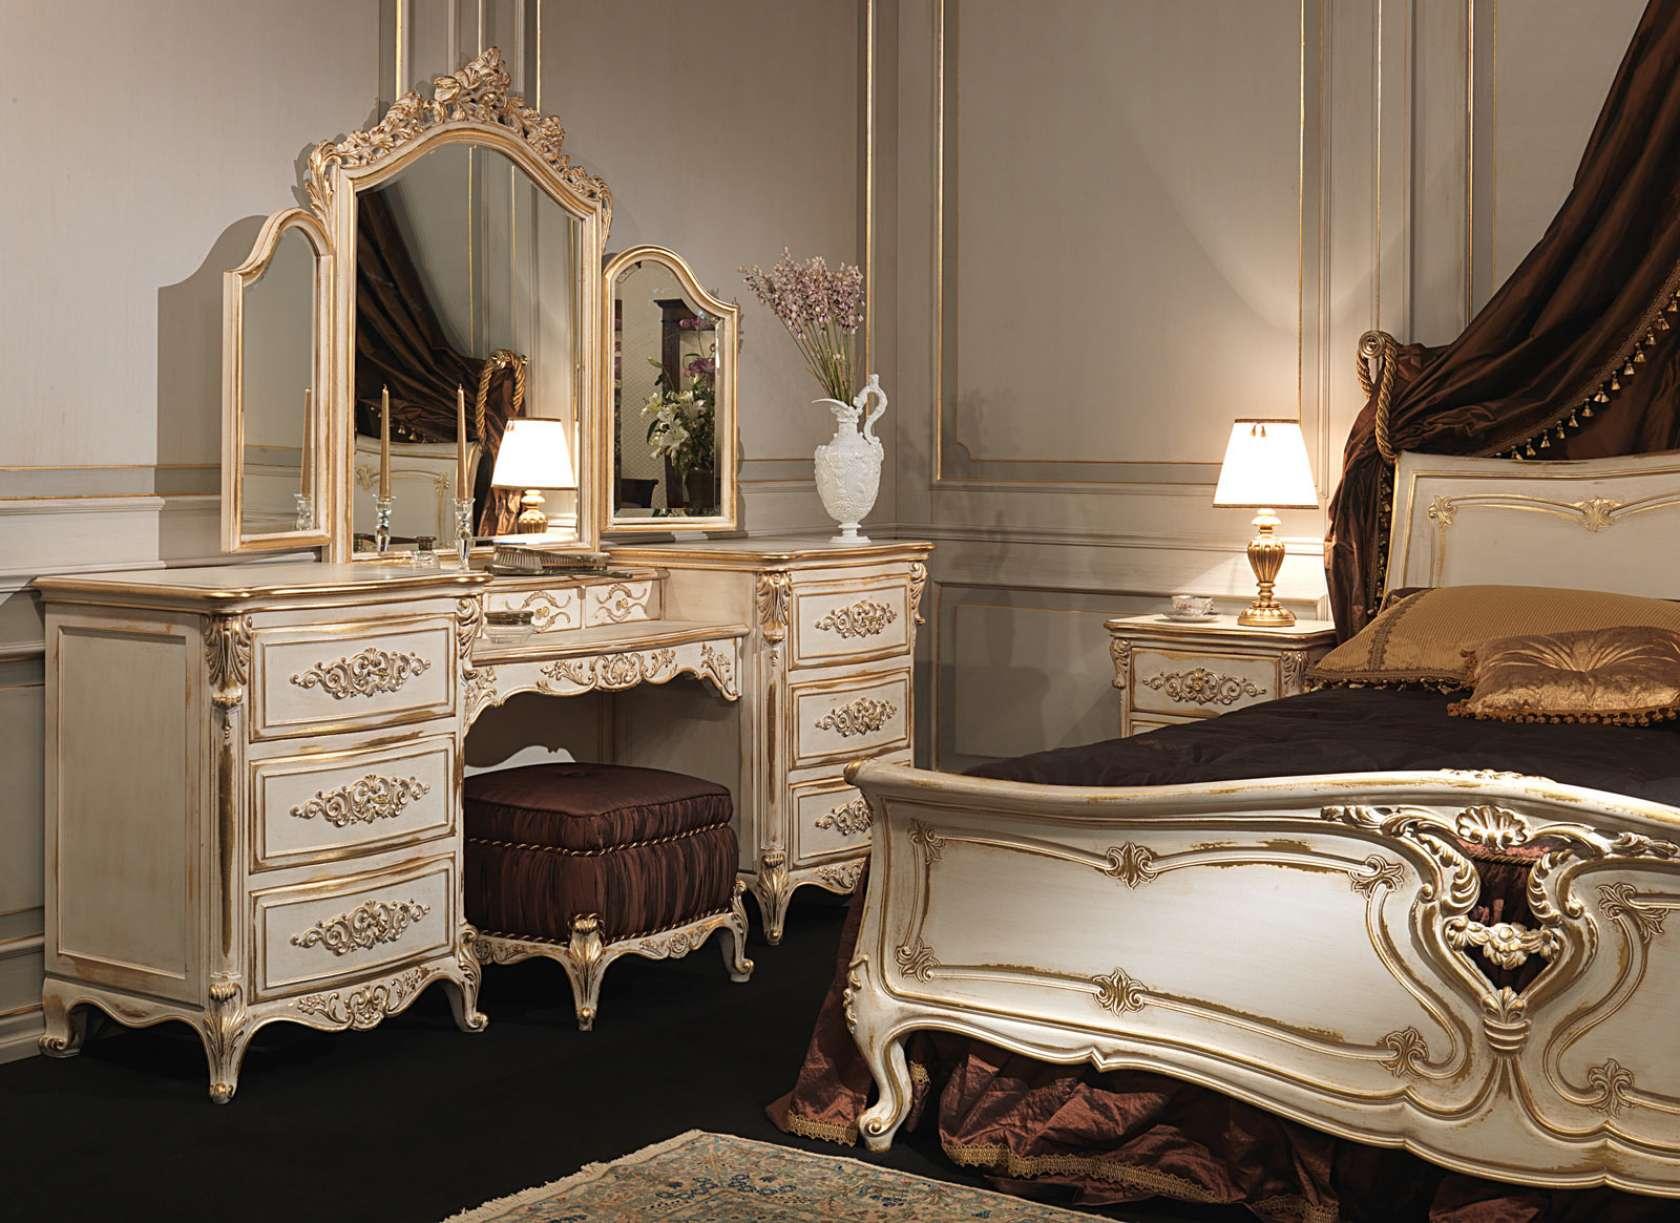 Chambre coucher classique dans le style de louis xvi for Miroir french to english